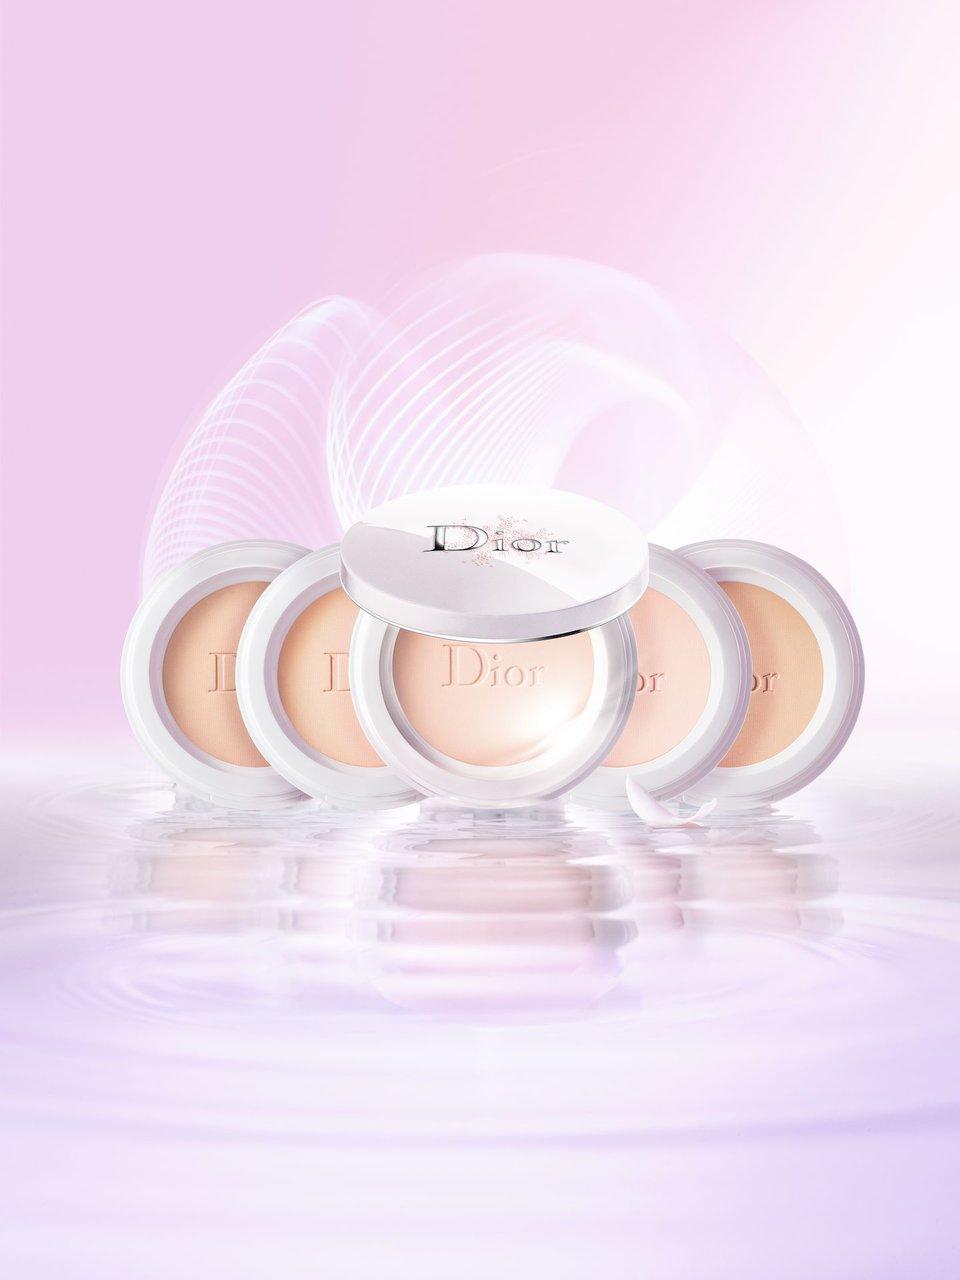 ディオール(Dior)「スノー パーフェクト ライト コンパクト ファンデーション」